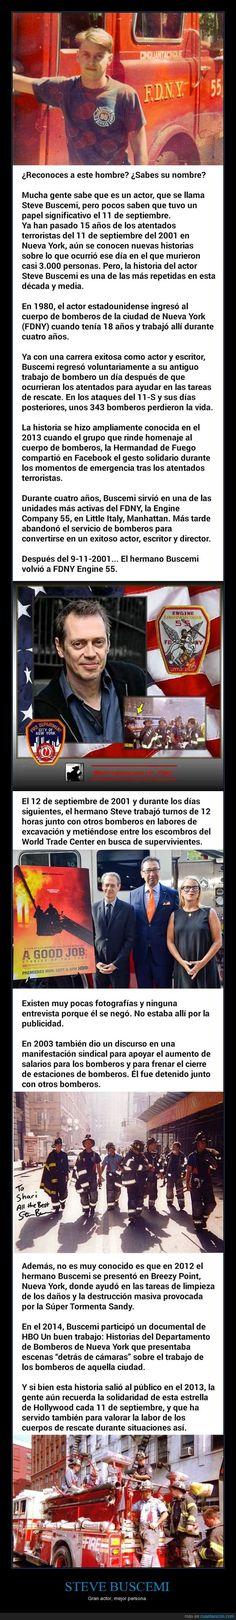 Muy poca gente conoce el acto altruista del actor Steve Buscemi tras los atentados del 11-S - Gran actor, mejor persona   Gracias a http://www.cuantarazon.com/   Si quieres leer la noticia completa visita: http://www.estoy-aburrido.com/muy-poca-gente-conoce-el-acto-altruista-del-actor-steve-buscemi-tras-los-atentados-del-11-s-gran-actor-mejor-persona/